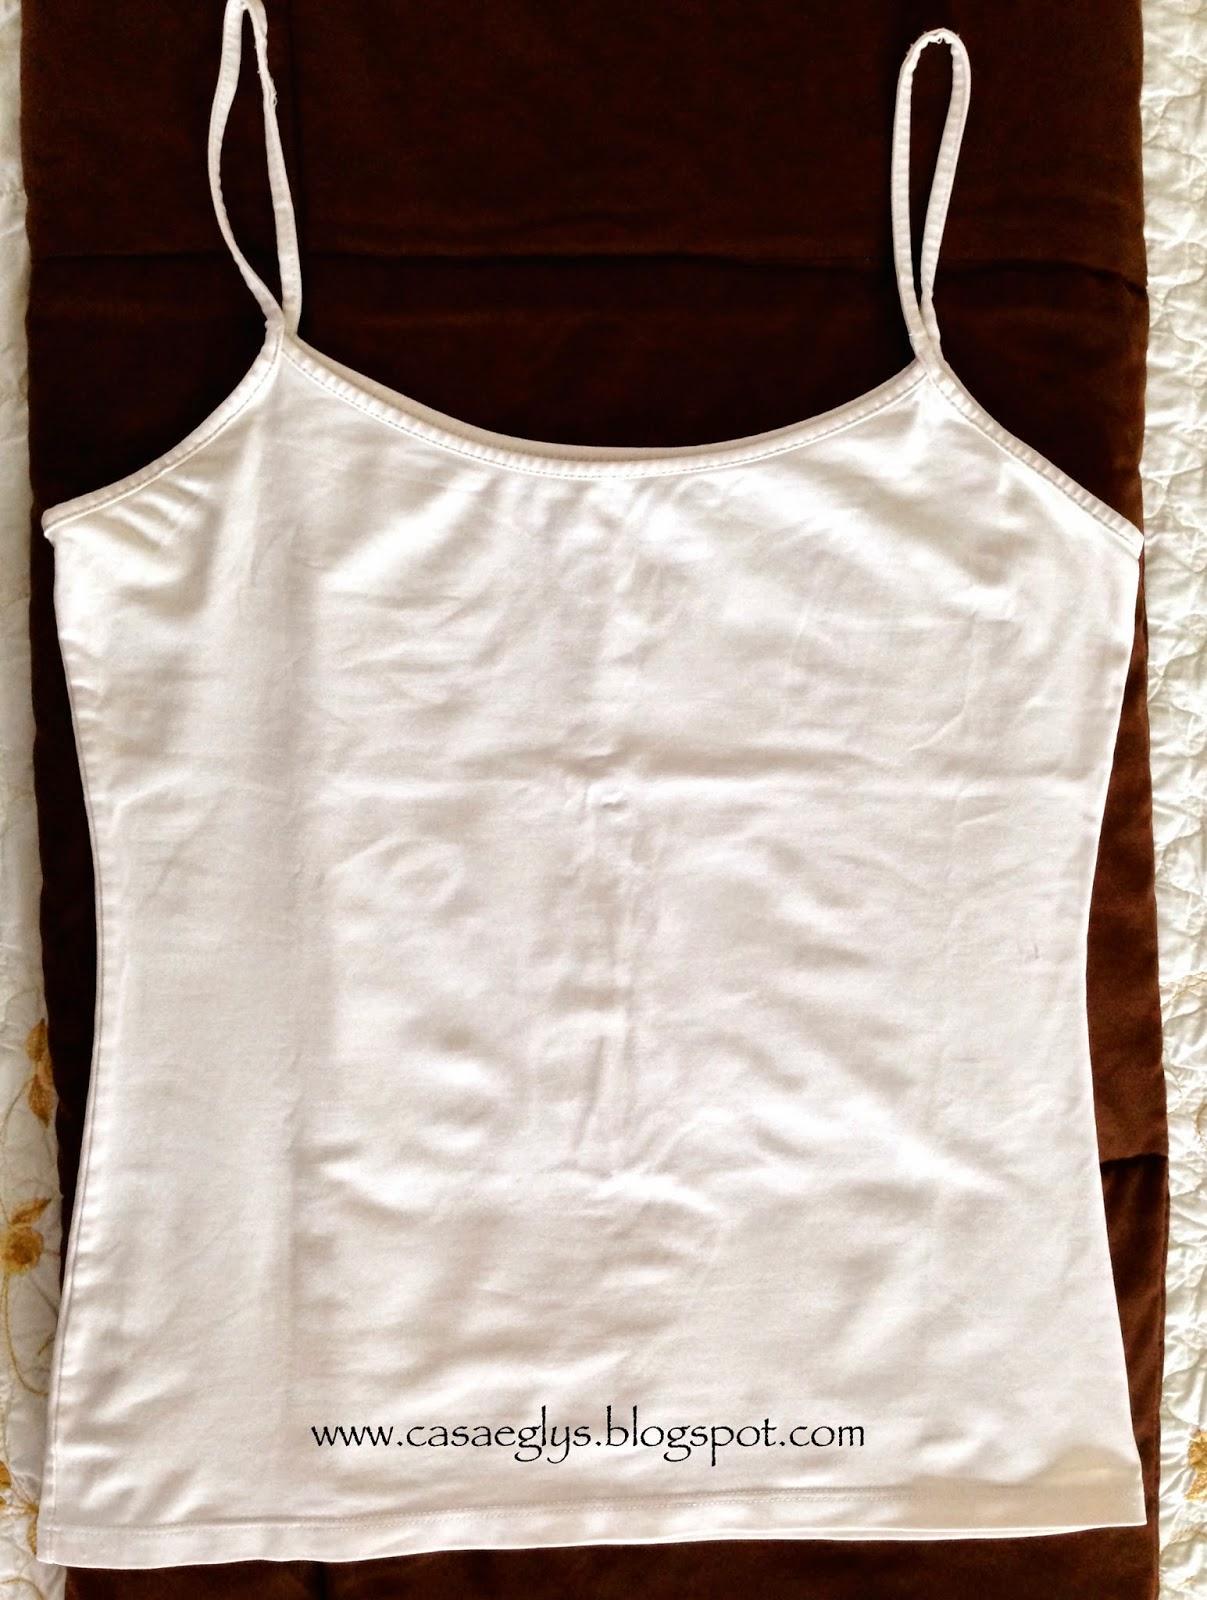 Casa eglys organizaci n la cuelgas la doblas o la enrollas - Truco para doblar camisetas ...